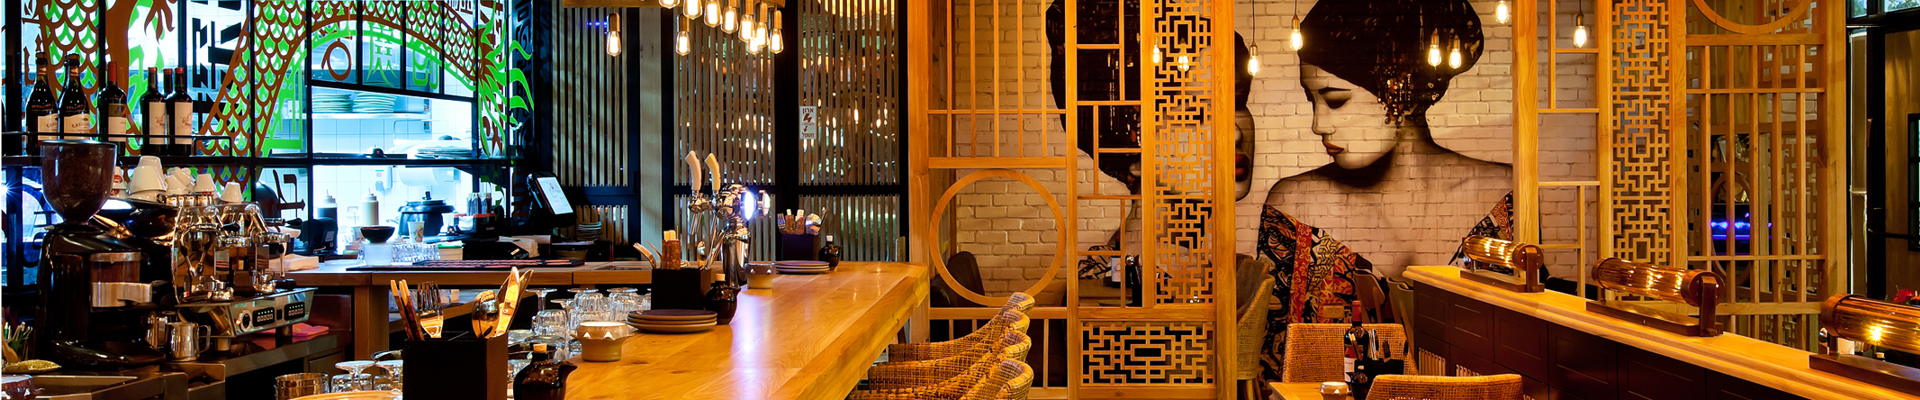 זכיינות מסעדה אסייתית